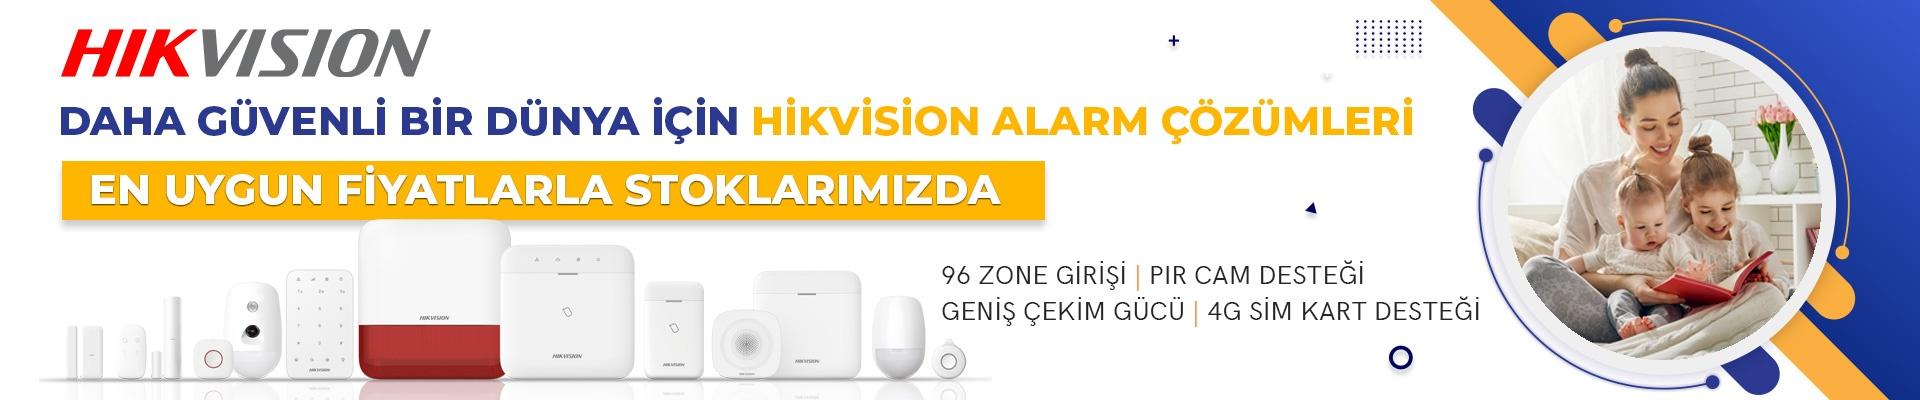 Hikvision Yeni Nesil Kablosuz Hırsız Alarm Sistemleri Ax Pro Stoklarımızda!..